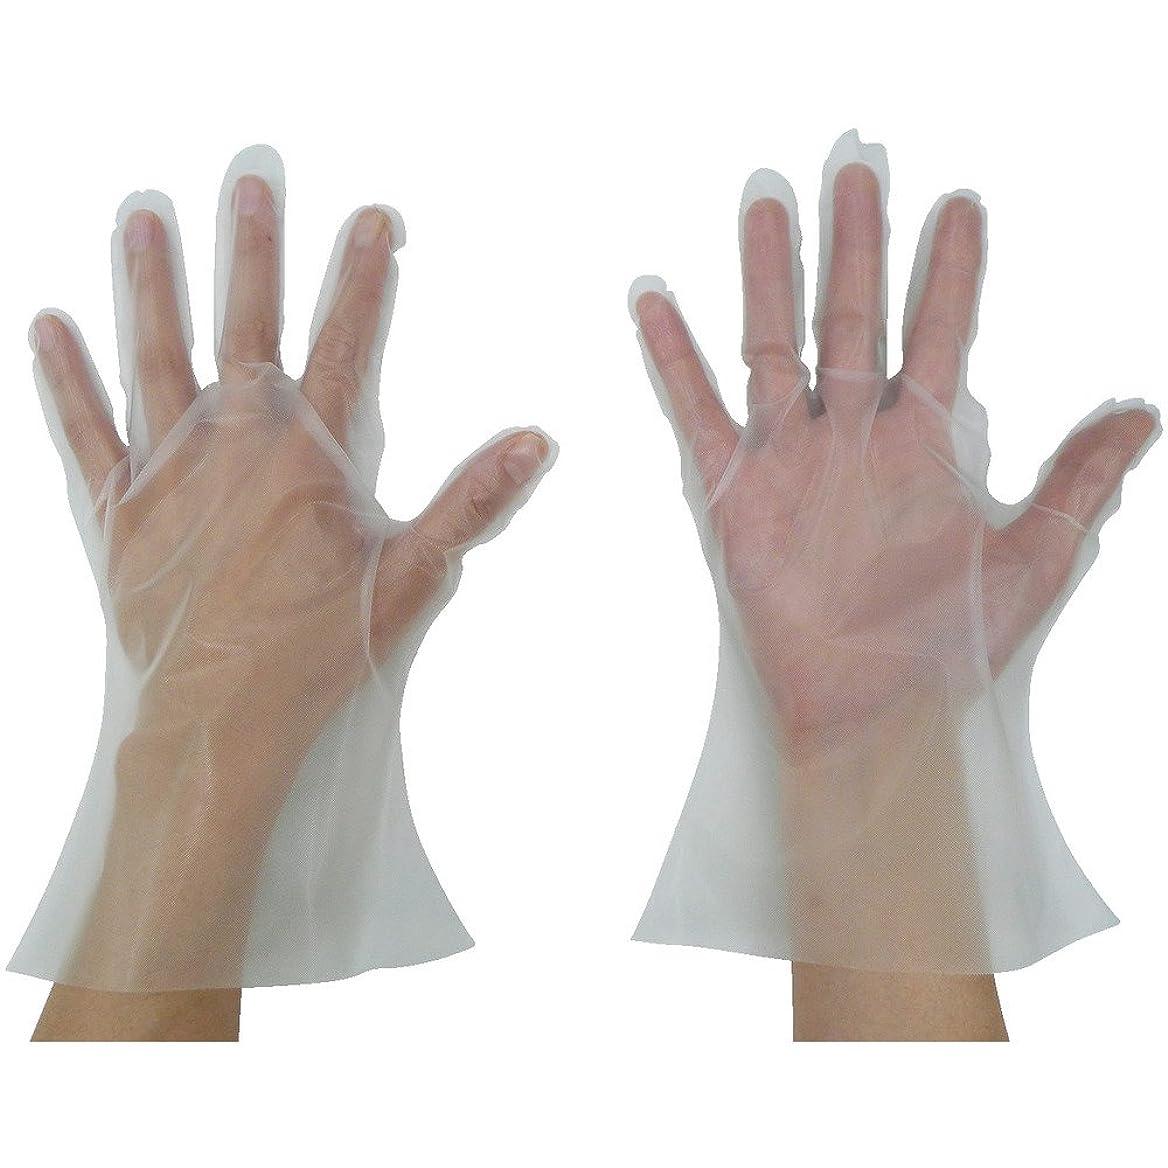 レポートを書く小石シャツ東京パック 緊急災害対策用手袋ニュ?マイジャスト簡易50S 半透明 KN-S ポリエチレン使い捨て手袋